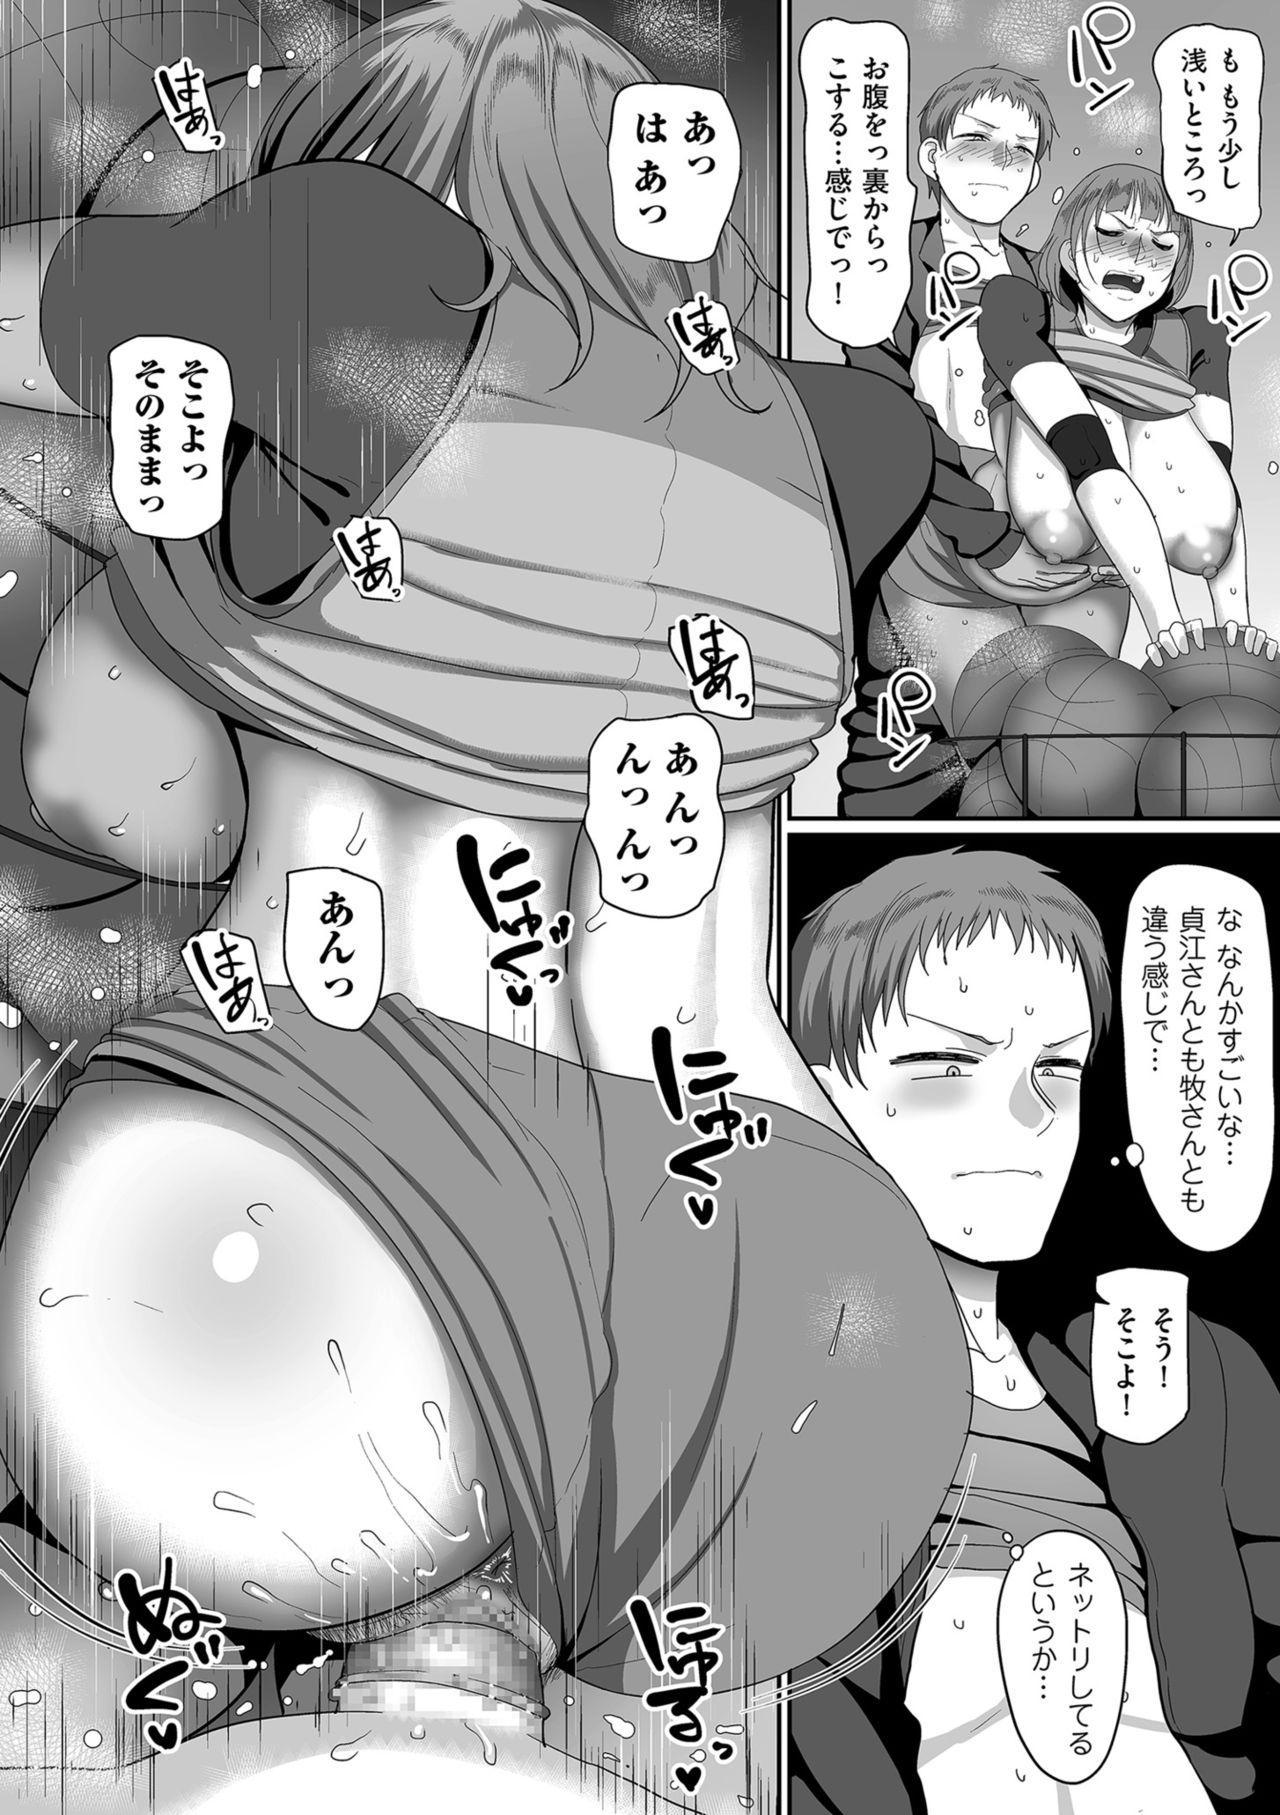 [Yamamoto Zenzen] S-ken K-shi Shakaijin Joshi Volleyball Circle no Jijou [Digital] 75